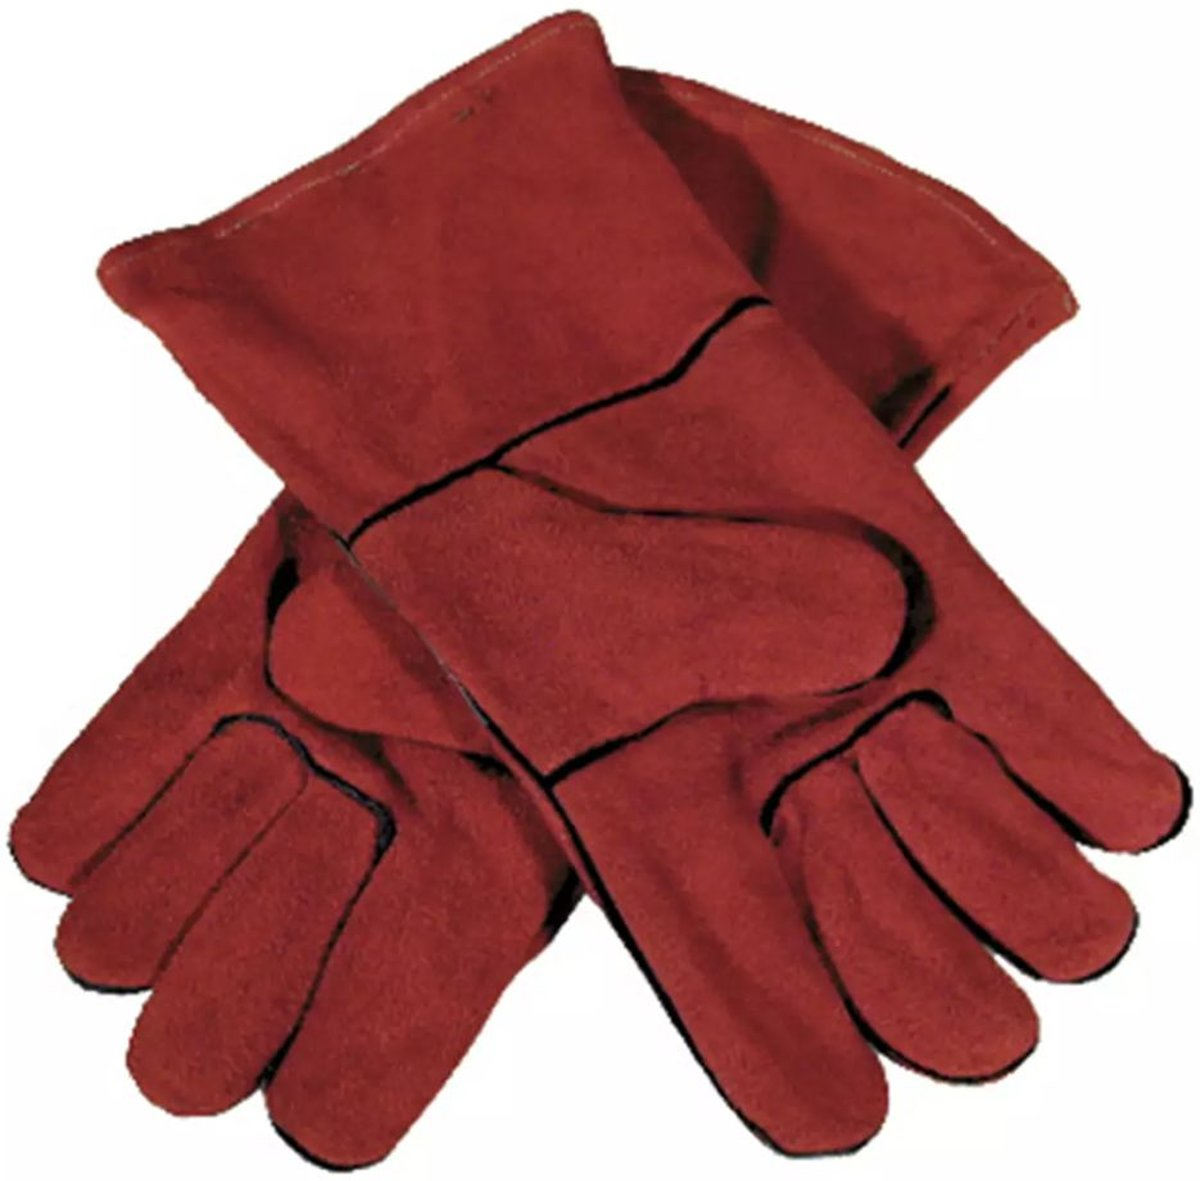 Runder splitleer Lashandschoen Maat (handschoen): 10 EN 388-2003 , EN 407-04 Toparc 045101 1 paar